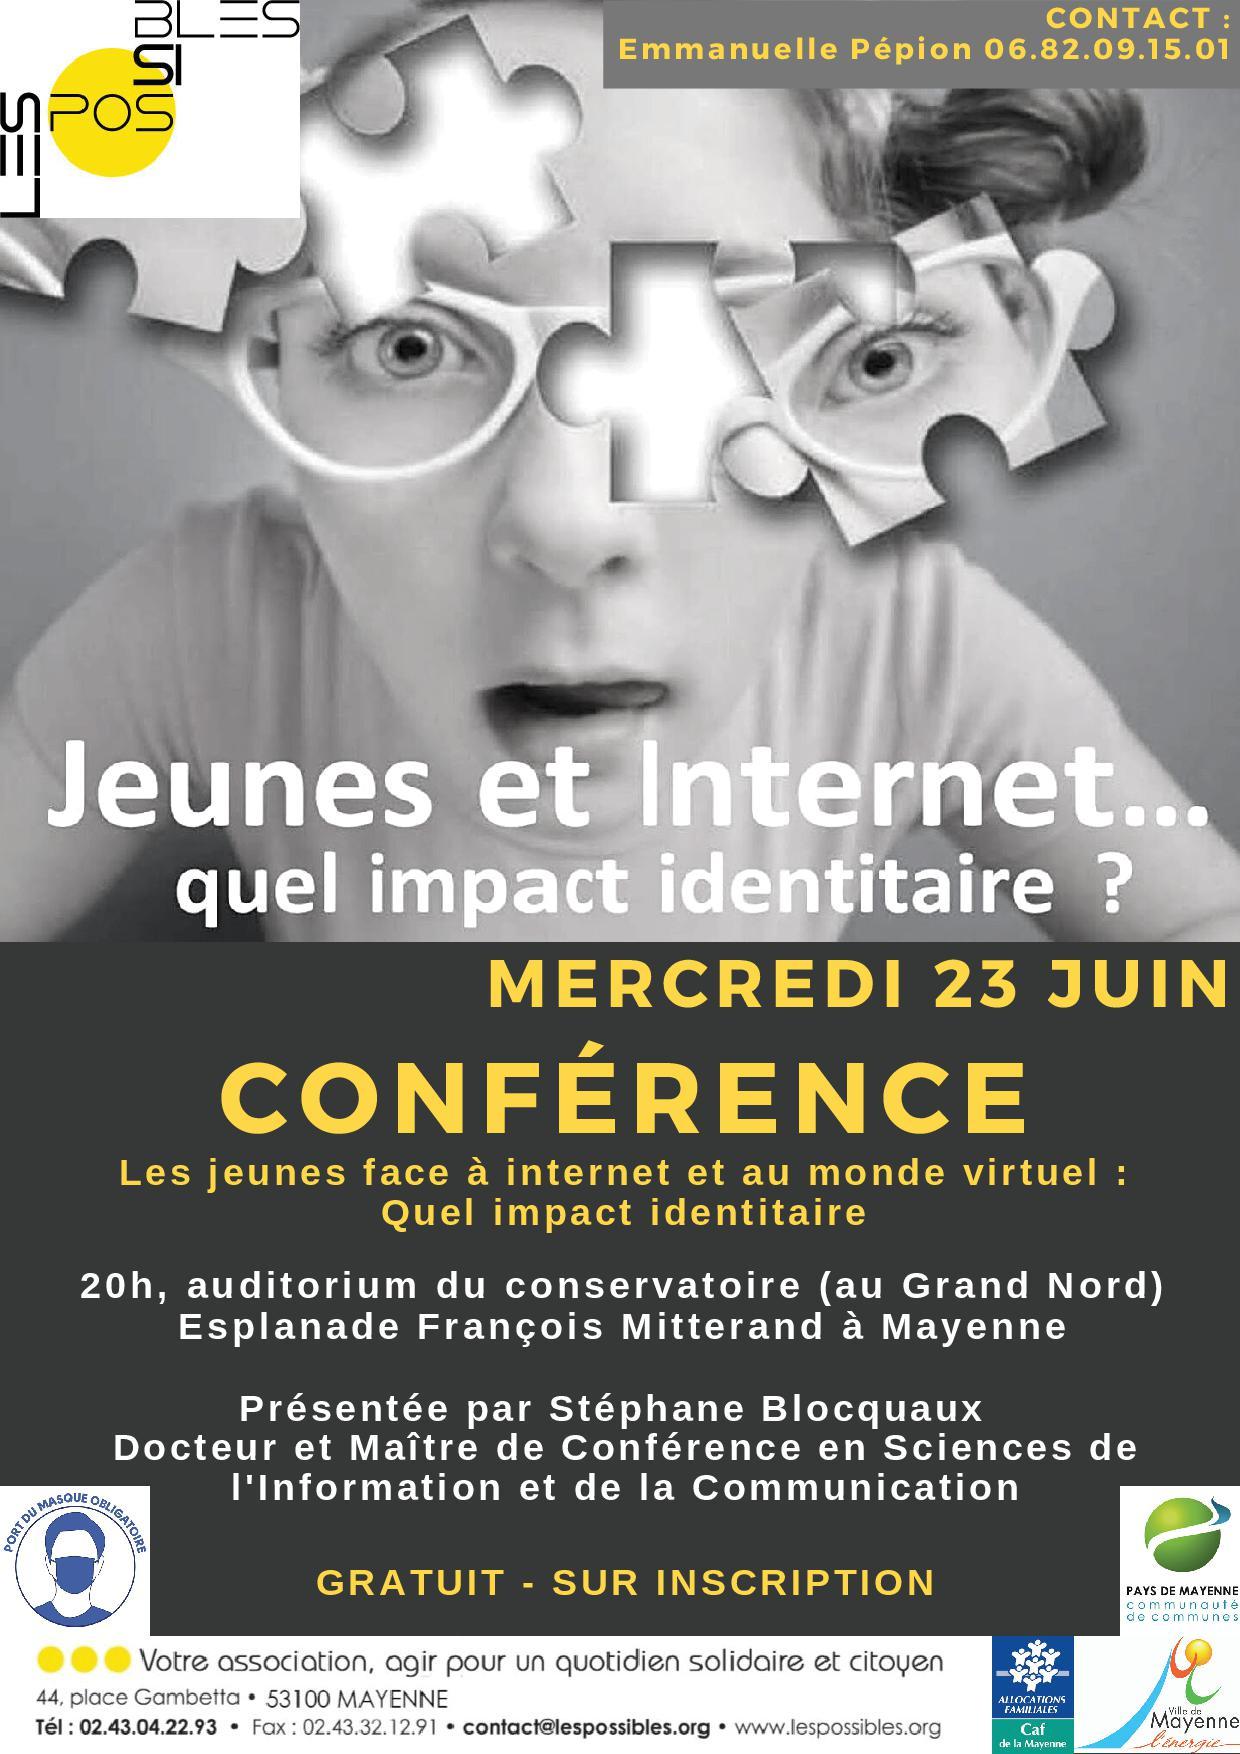 Conférence : Jeunes et internet quel impact identitaire ? @ Grand Nord - auditorium du conservatoire